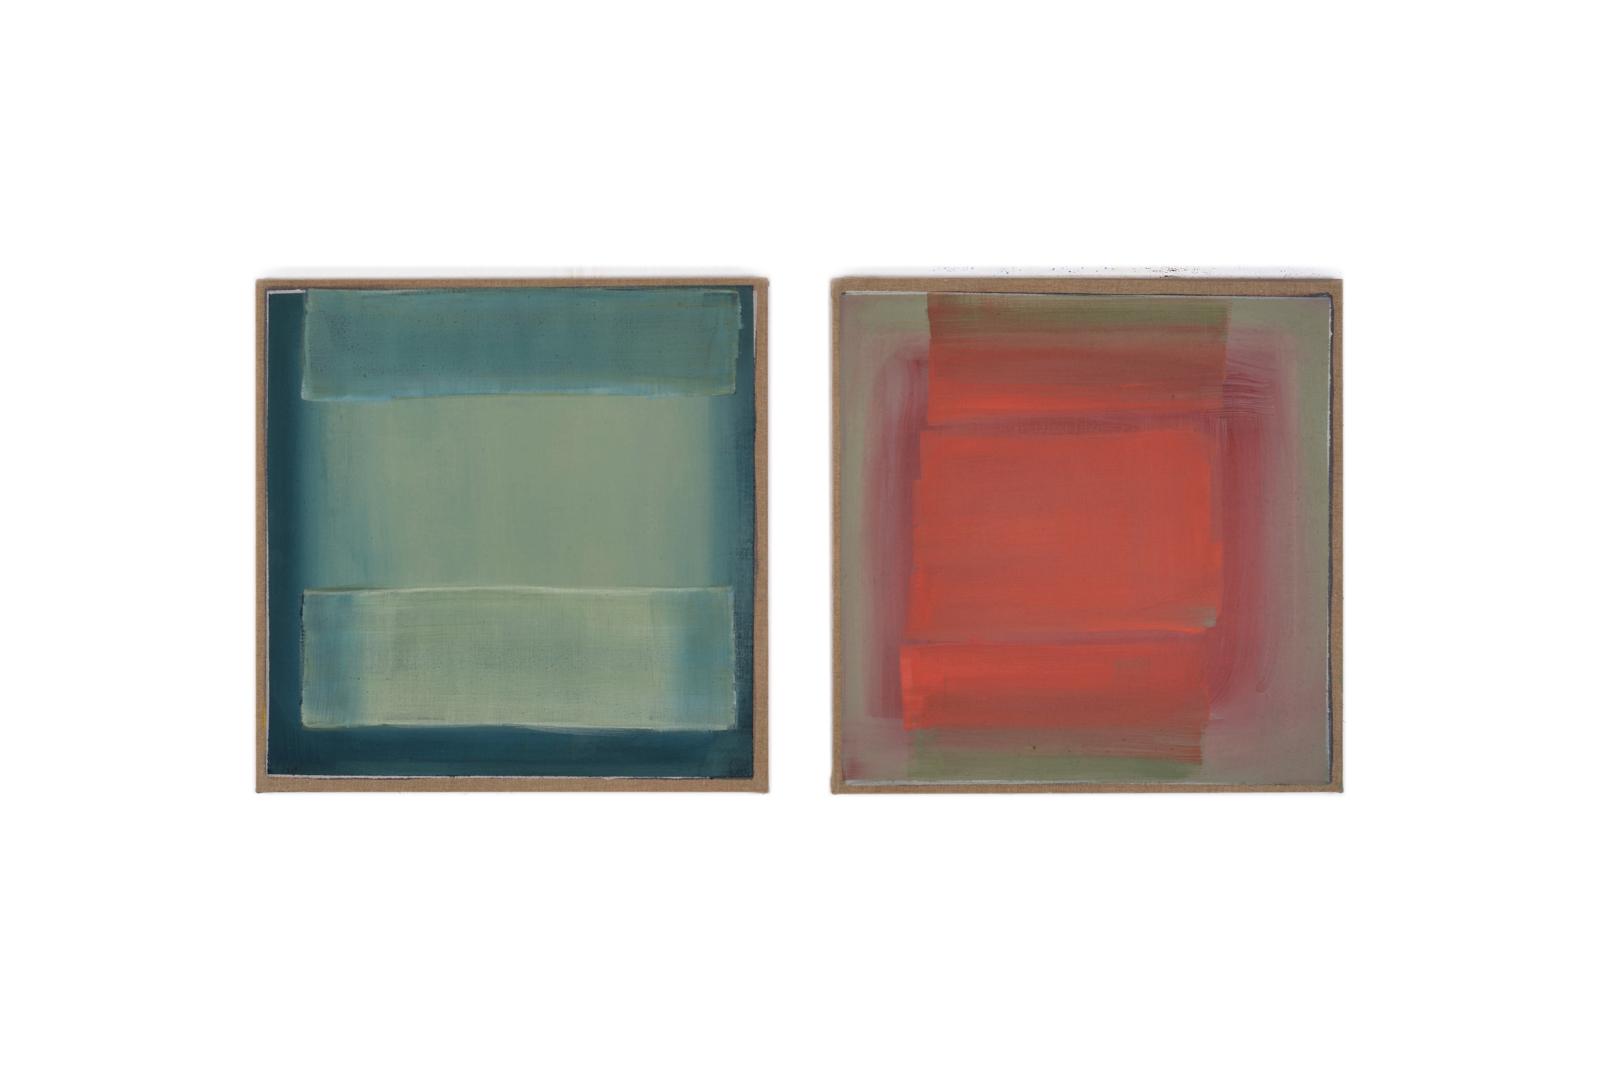 grün-rot, 2017, 2 Tafeln je 55x55 | verde-rosso, 2 tavole cad. 55x55